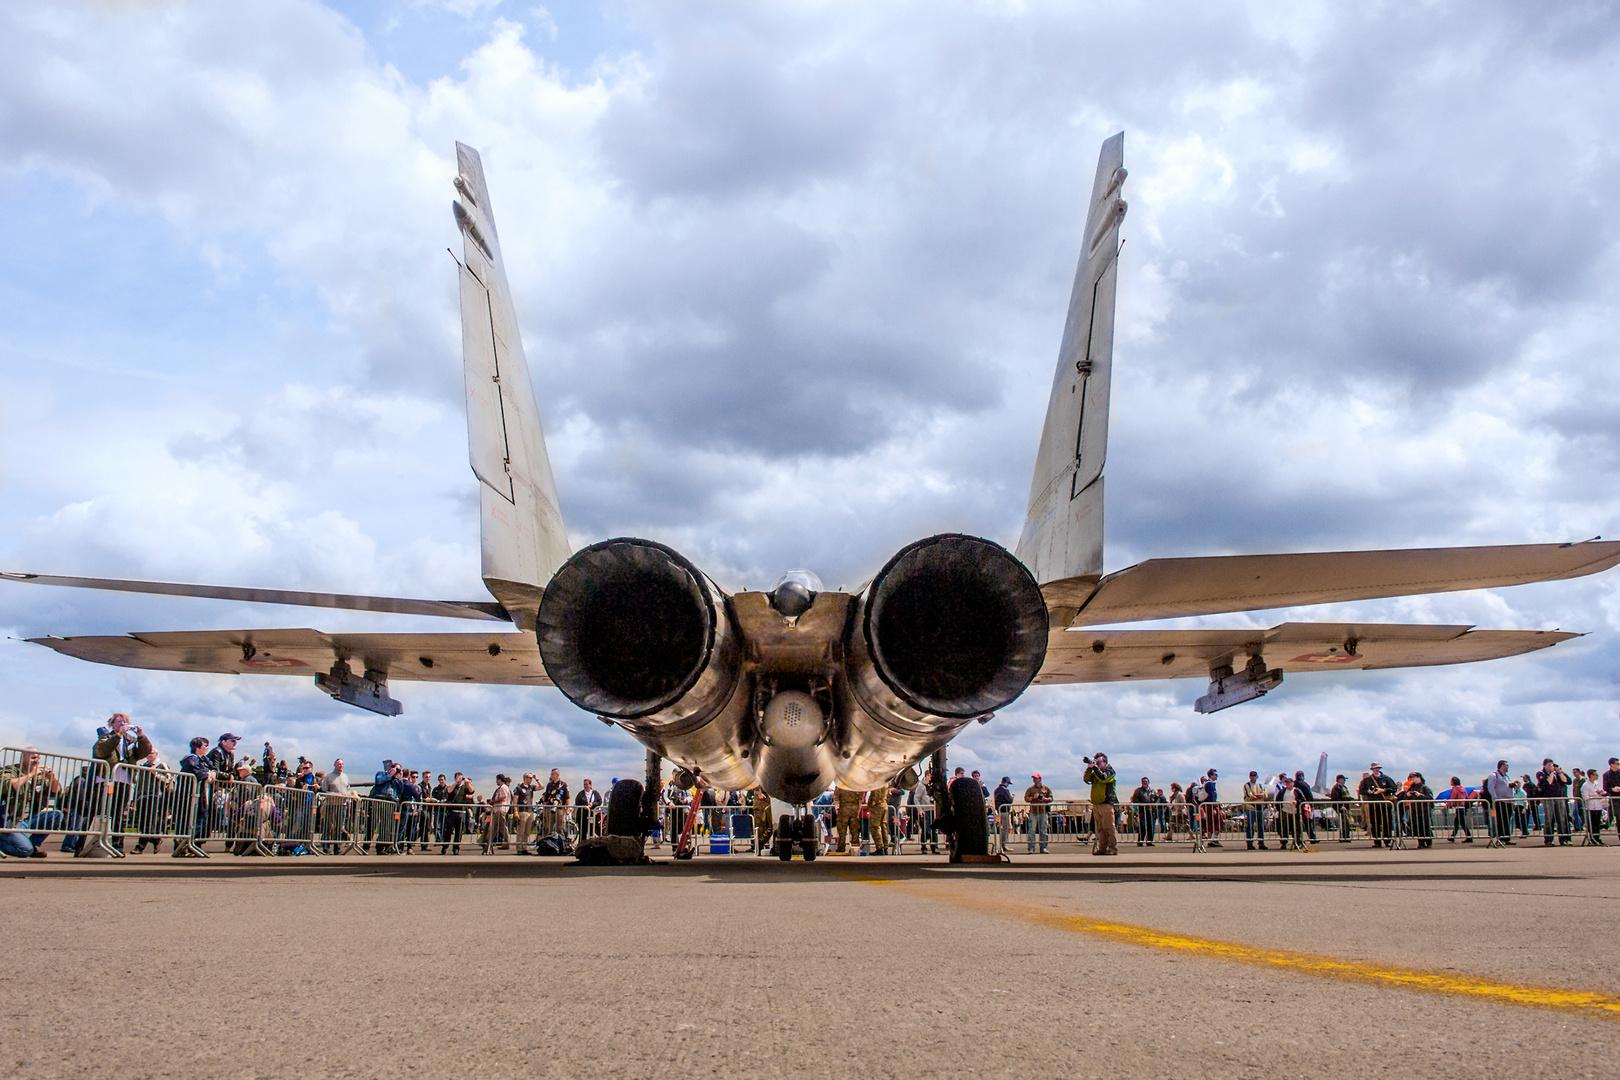 Airshow Florennes 2012 - Back Side View Mikojan-Gurewitsch MiG-29